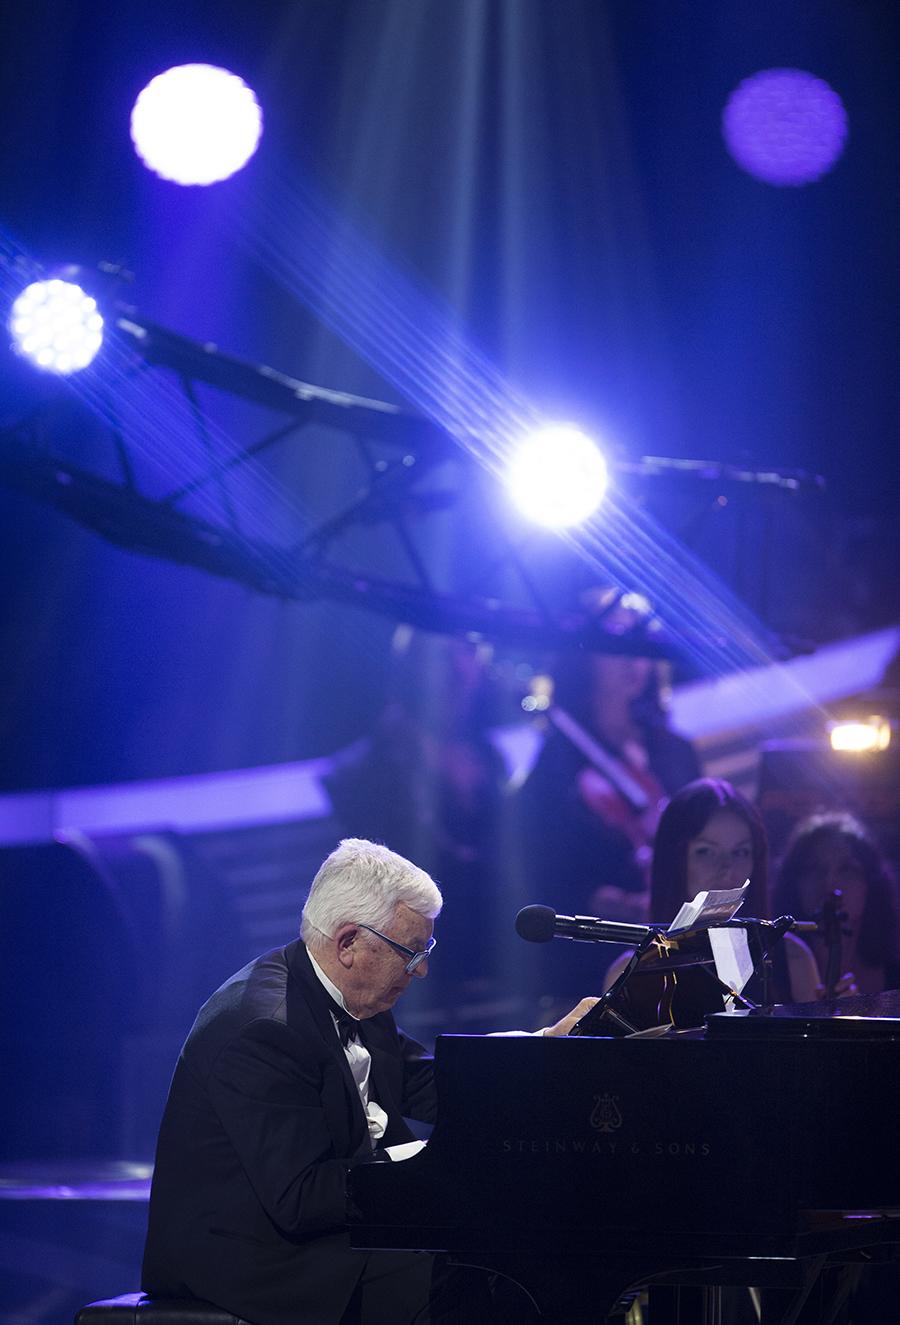 Композитор Раймонд Паулс на творческом вечере, посвященному своему 80-летнему юбилею